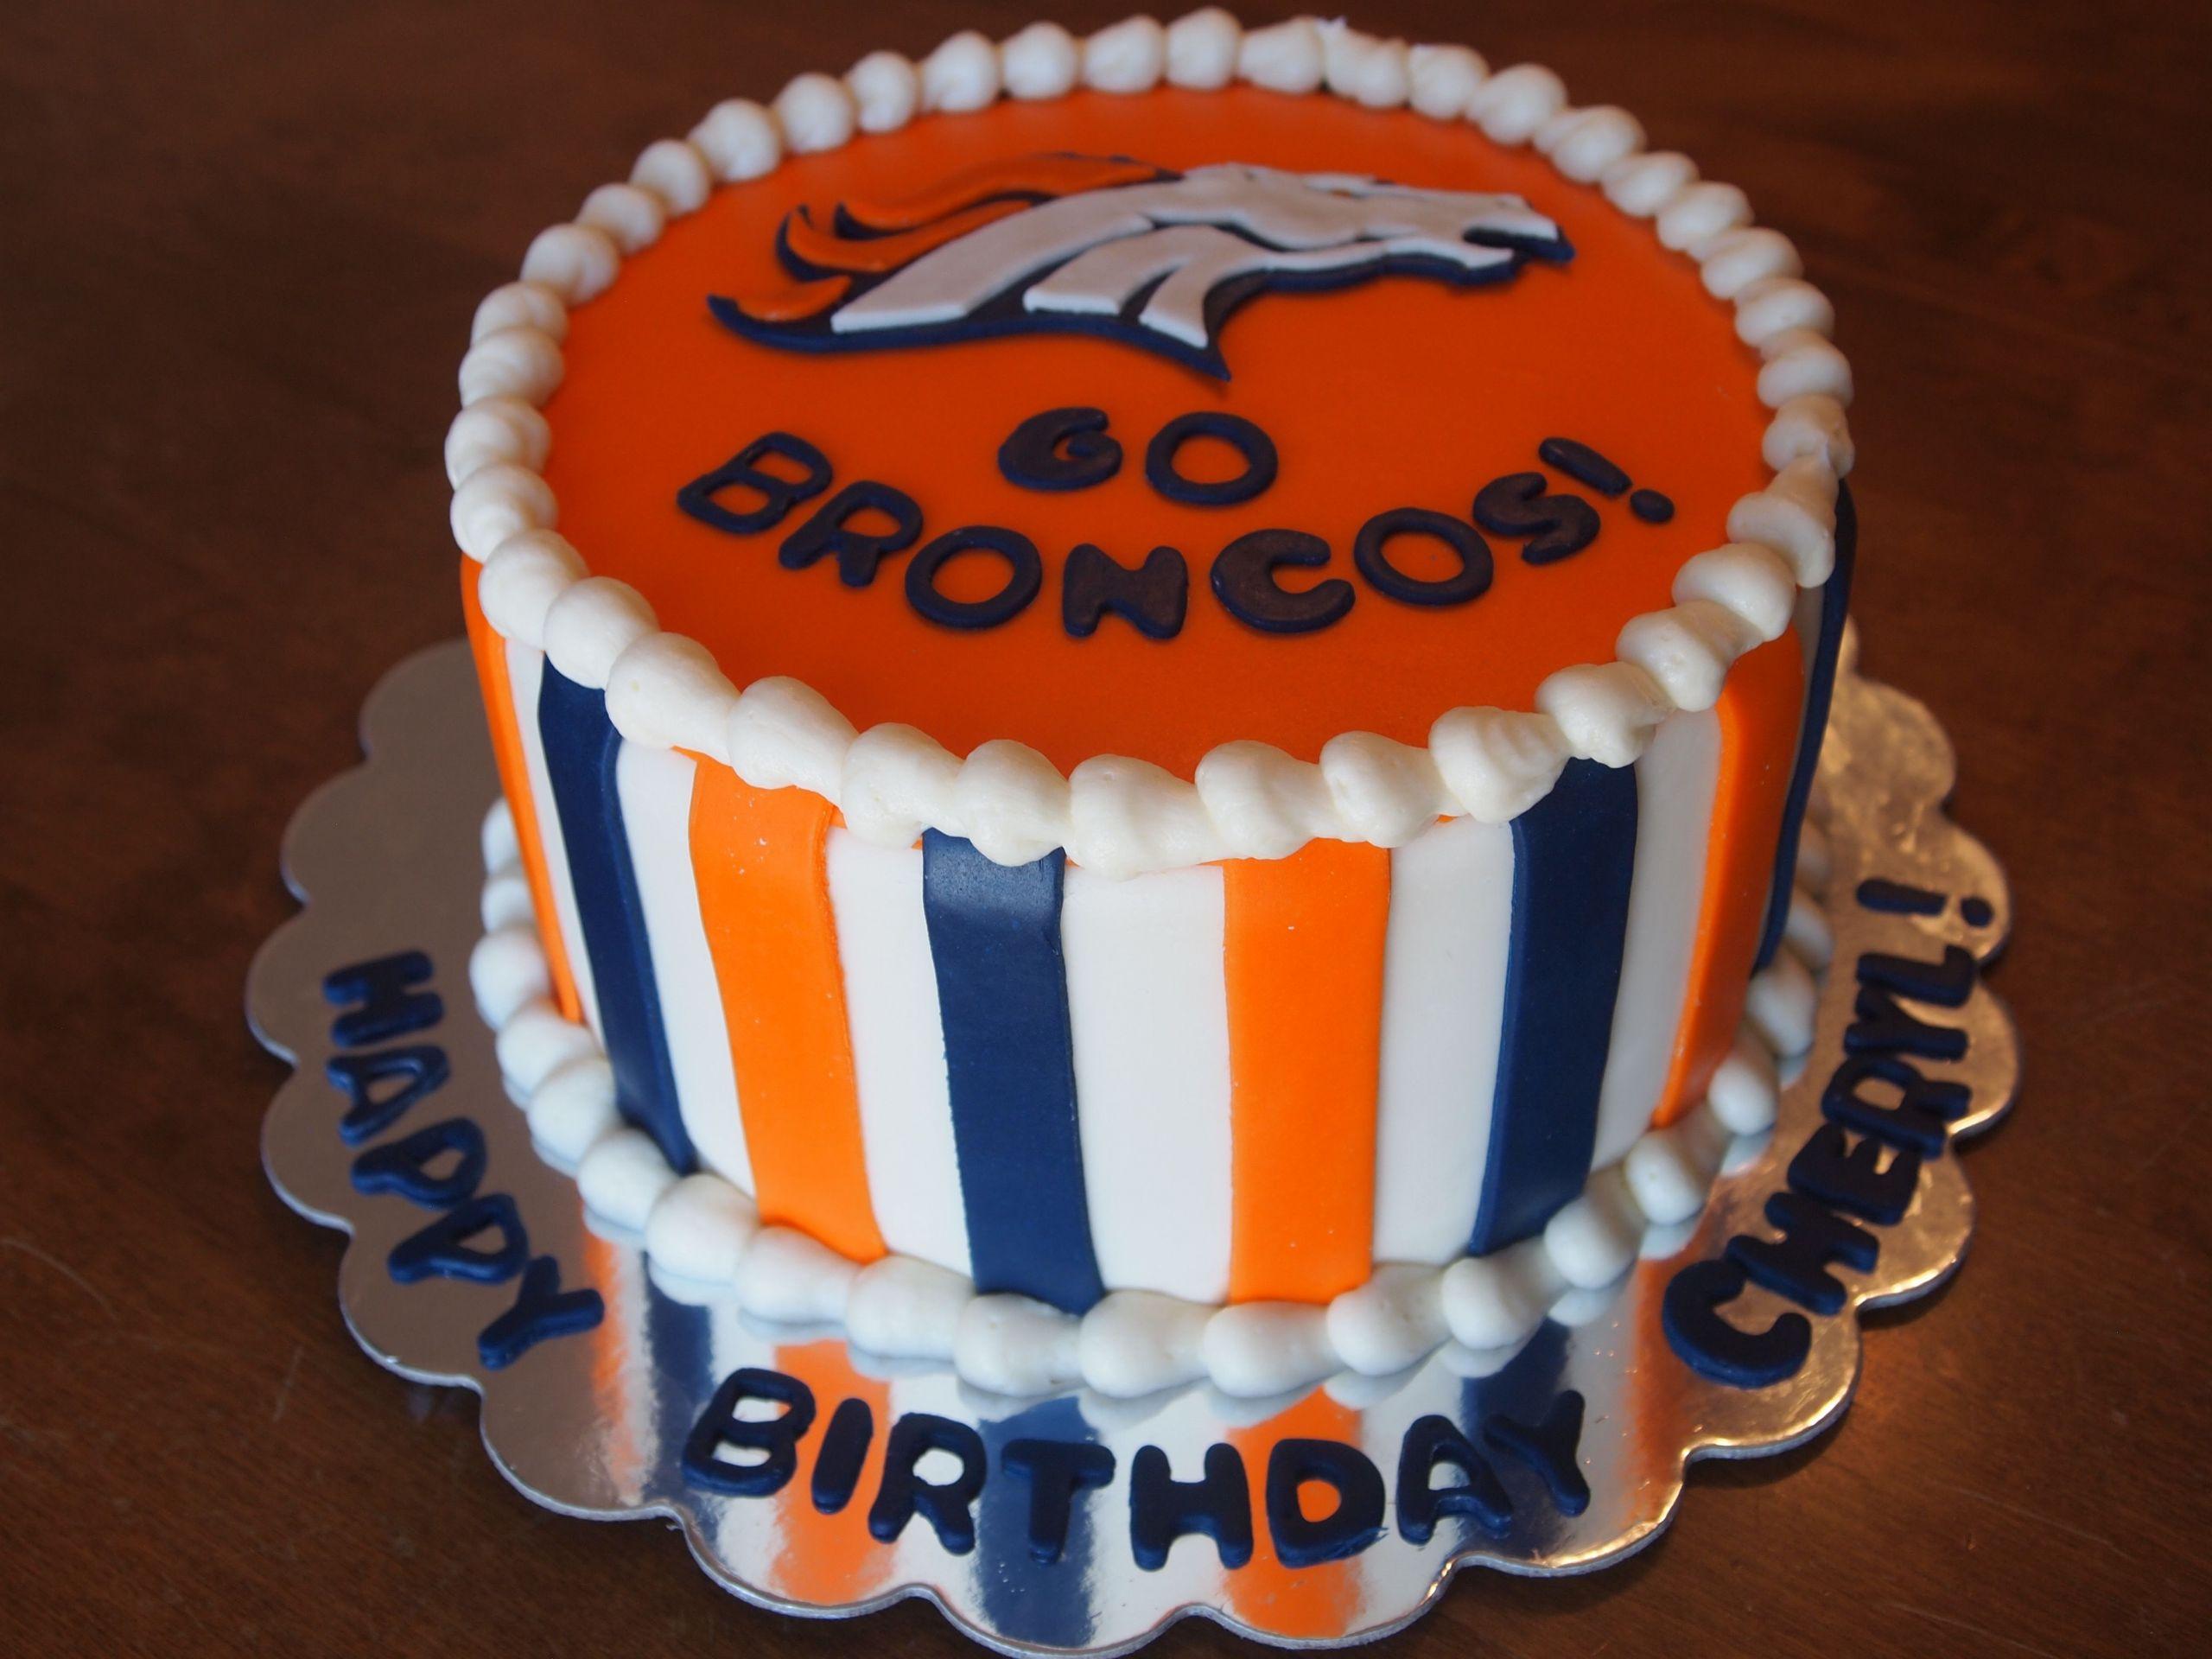 Birthday Cakes Denver  Denver Broncos Cake denverbroncoscake gobroncos